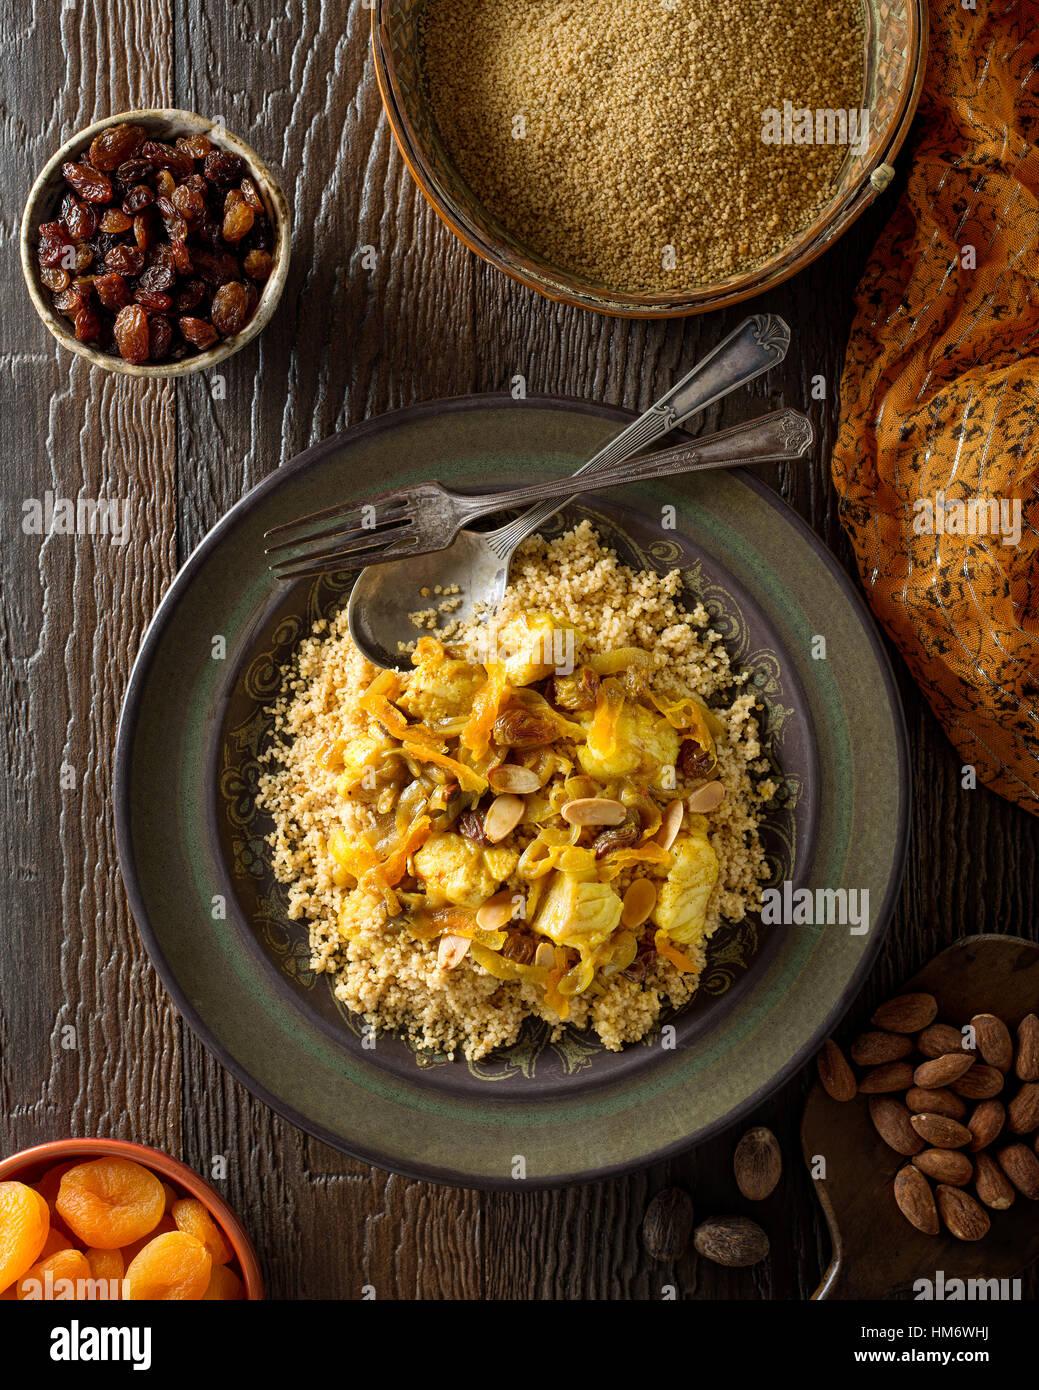 Délicieux couscous tunisien traditionnel fait maison avec des poissons, les raisins secs, les abricots et amandes grillées. Banque D'Images